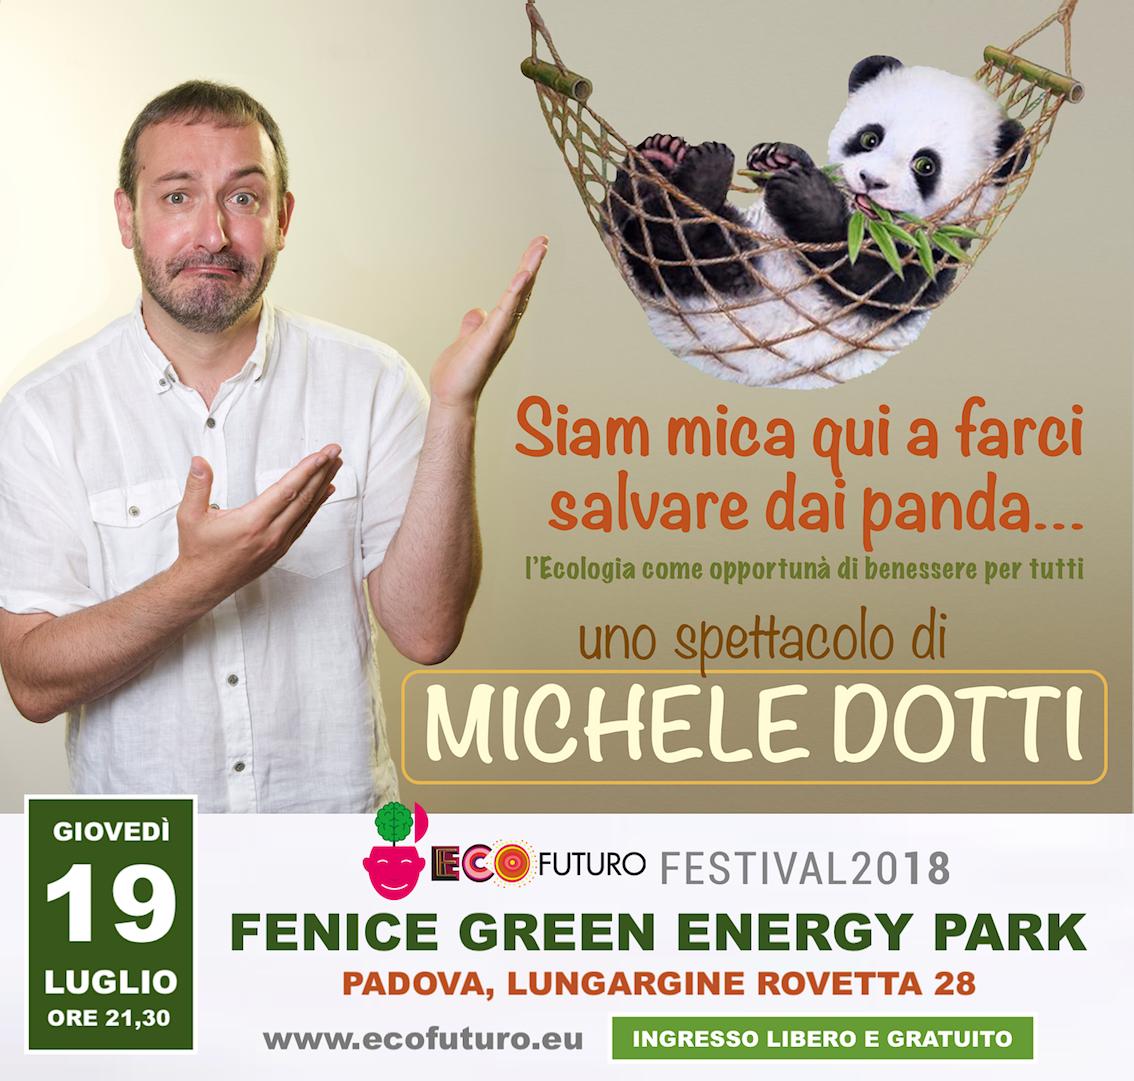 Locandina Michele Dotti - EcoFuturo 2018 light